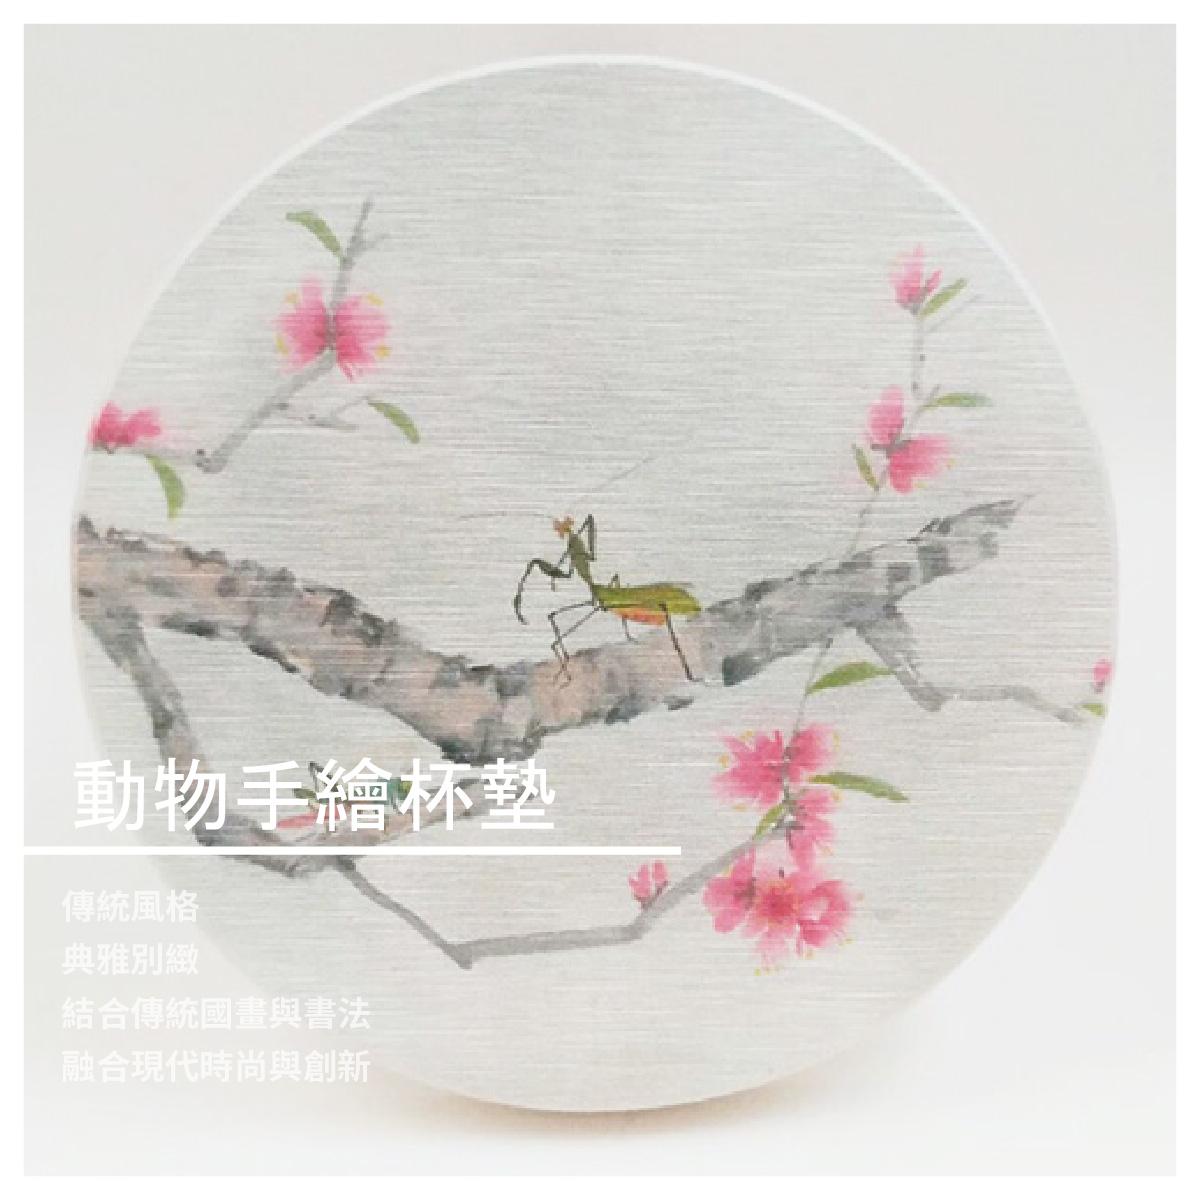 【羽扇賦】傳統書法國畫風格 動物手繪杯墊 / 3款